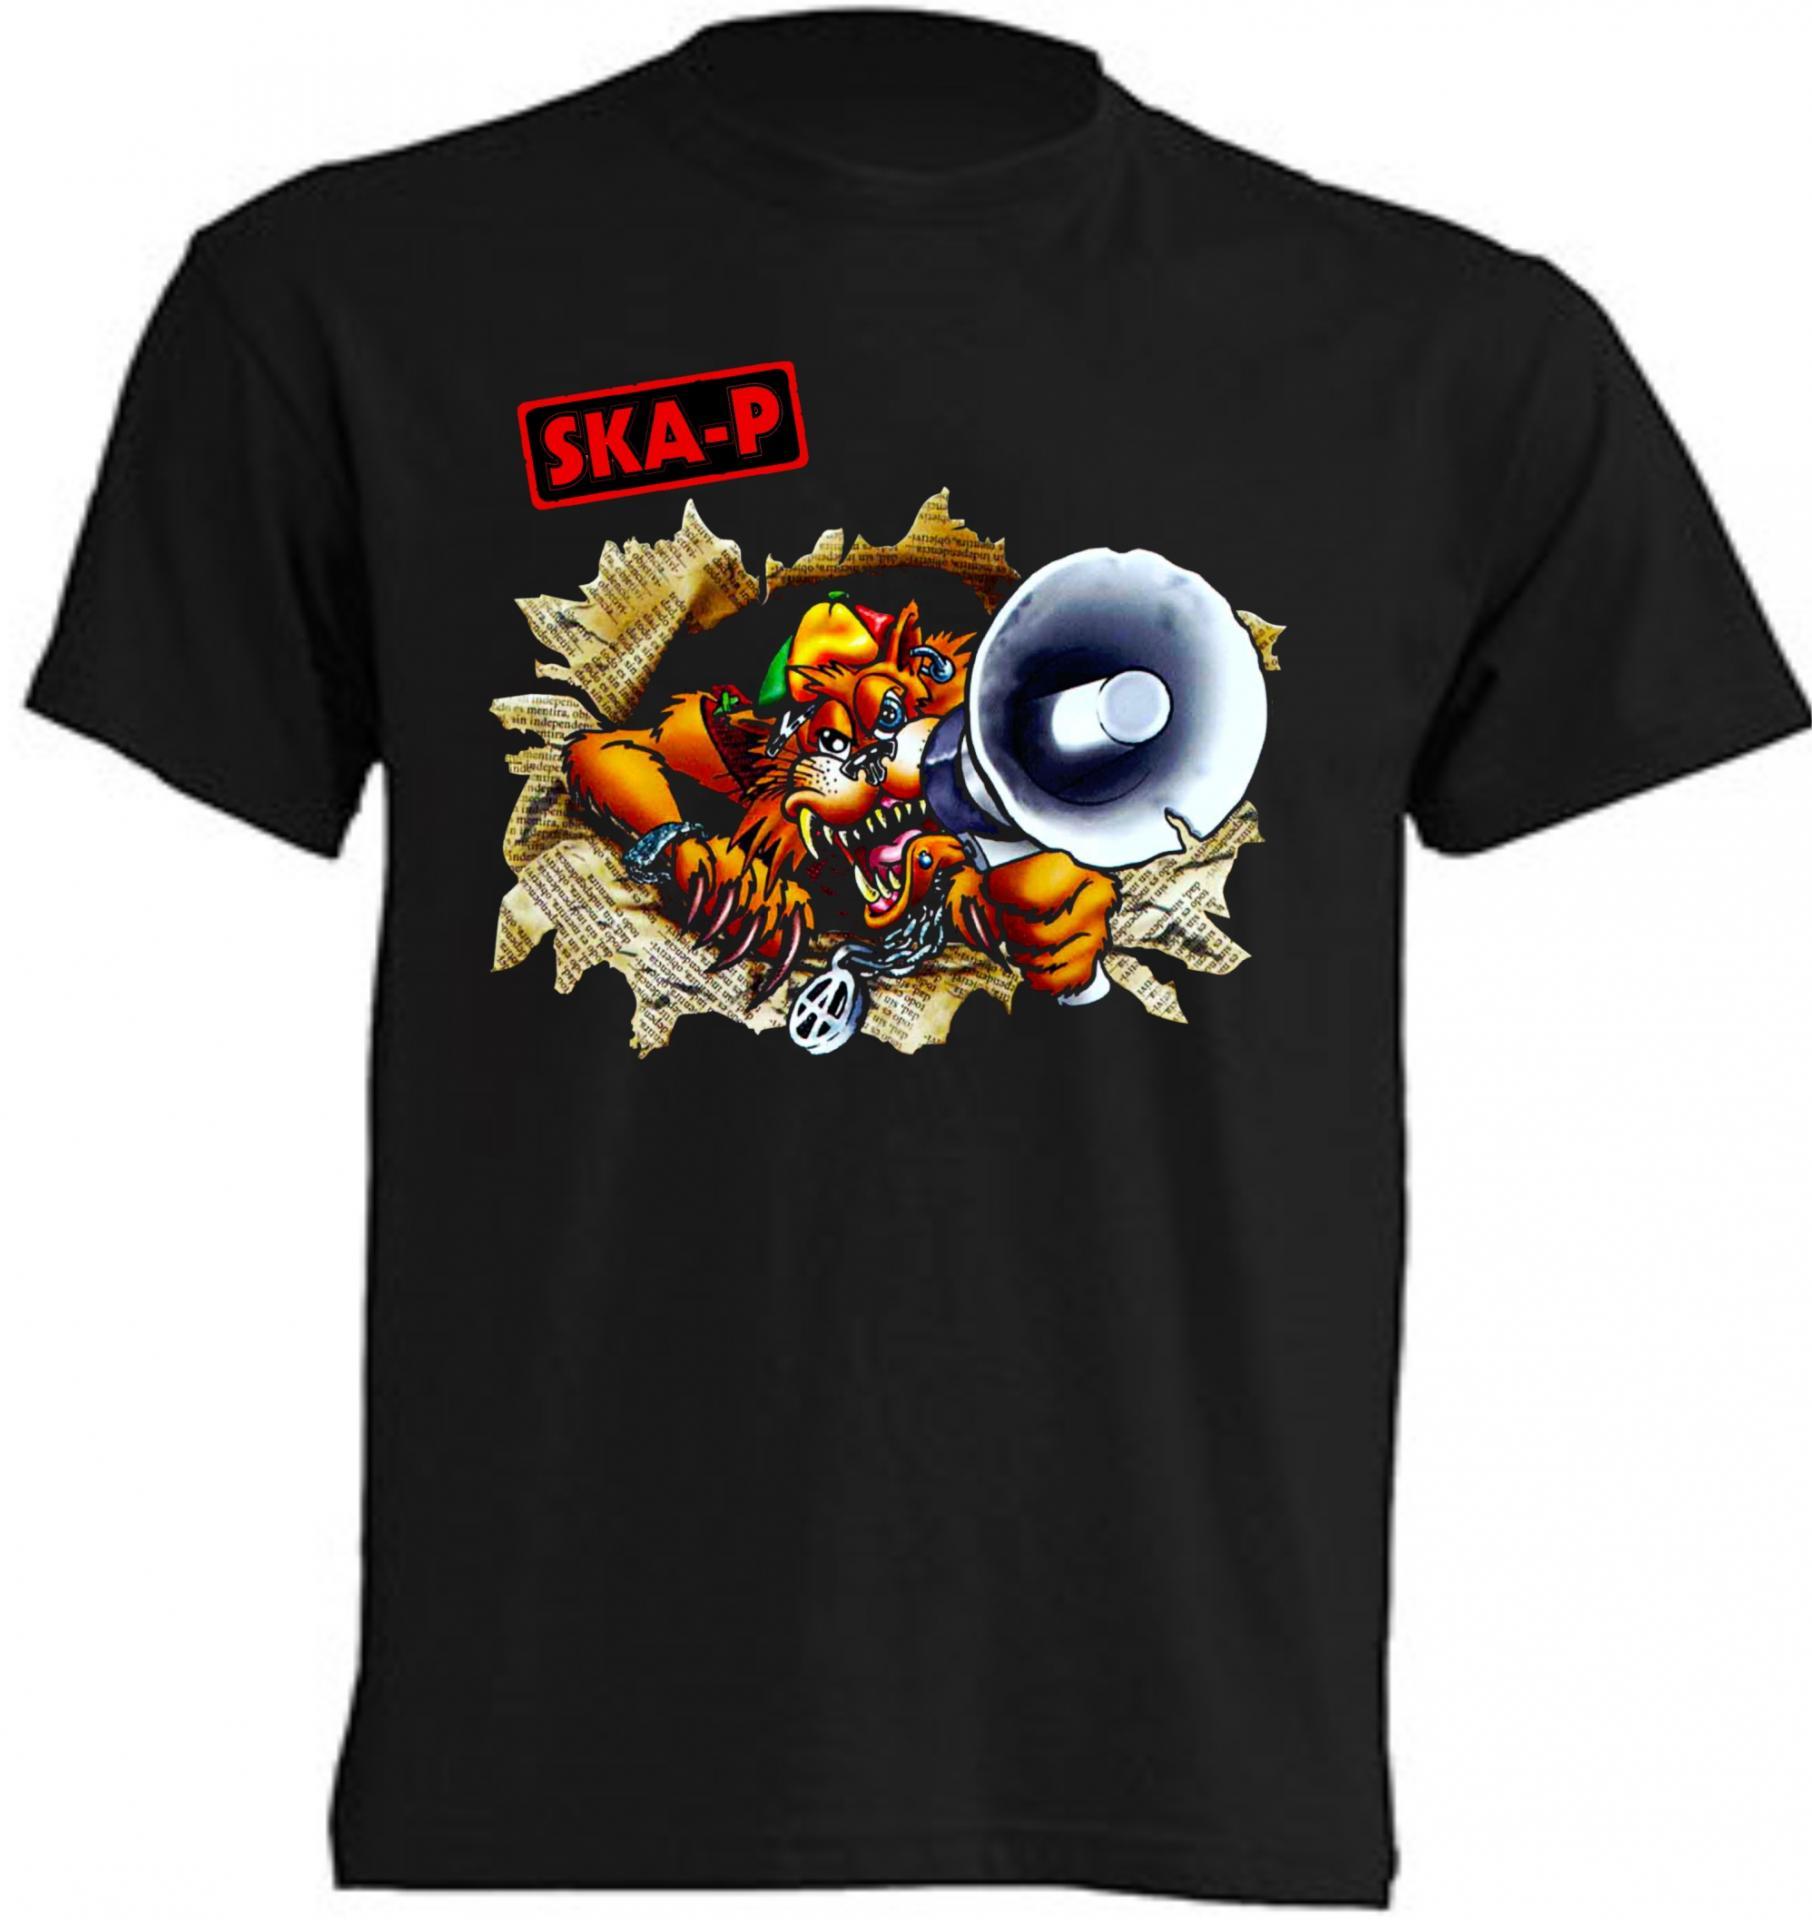 Camiseta Ska-P